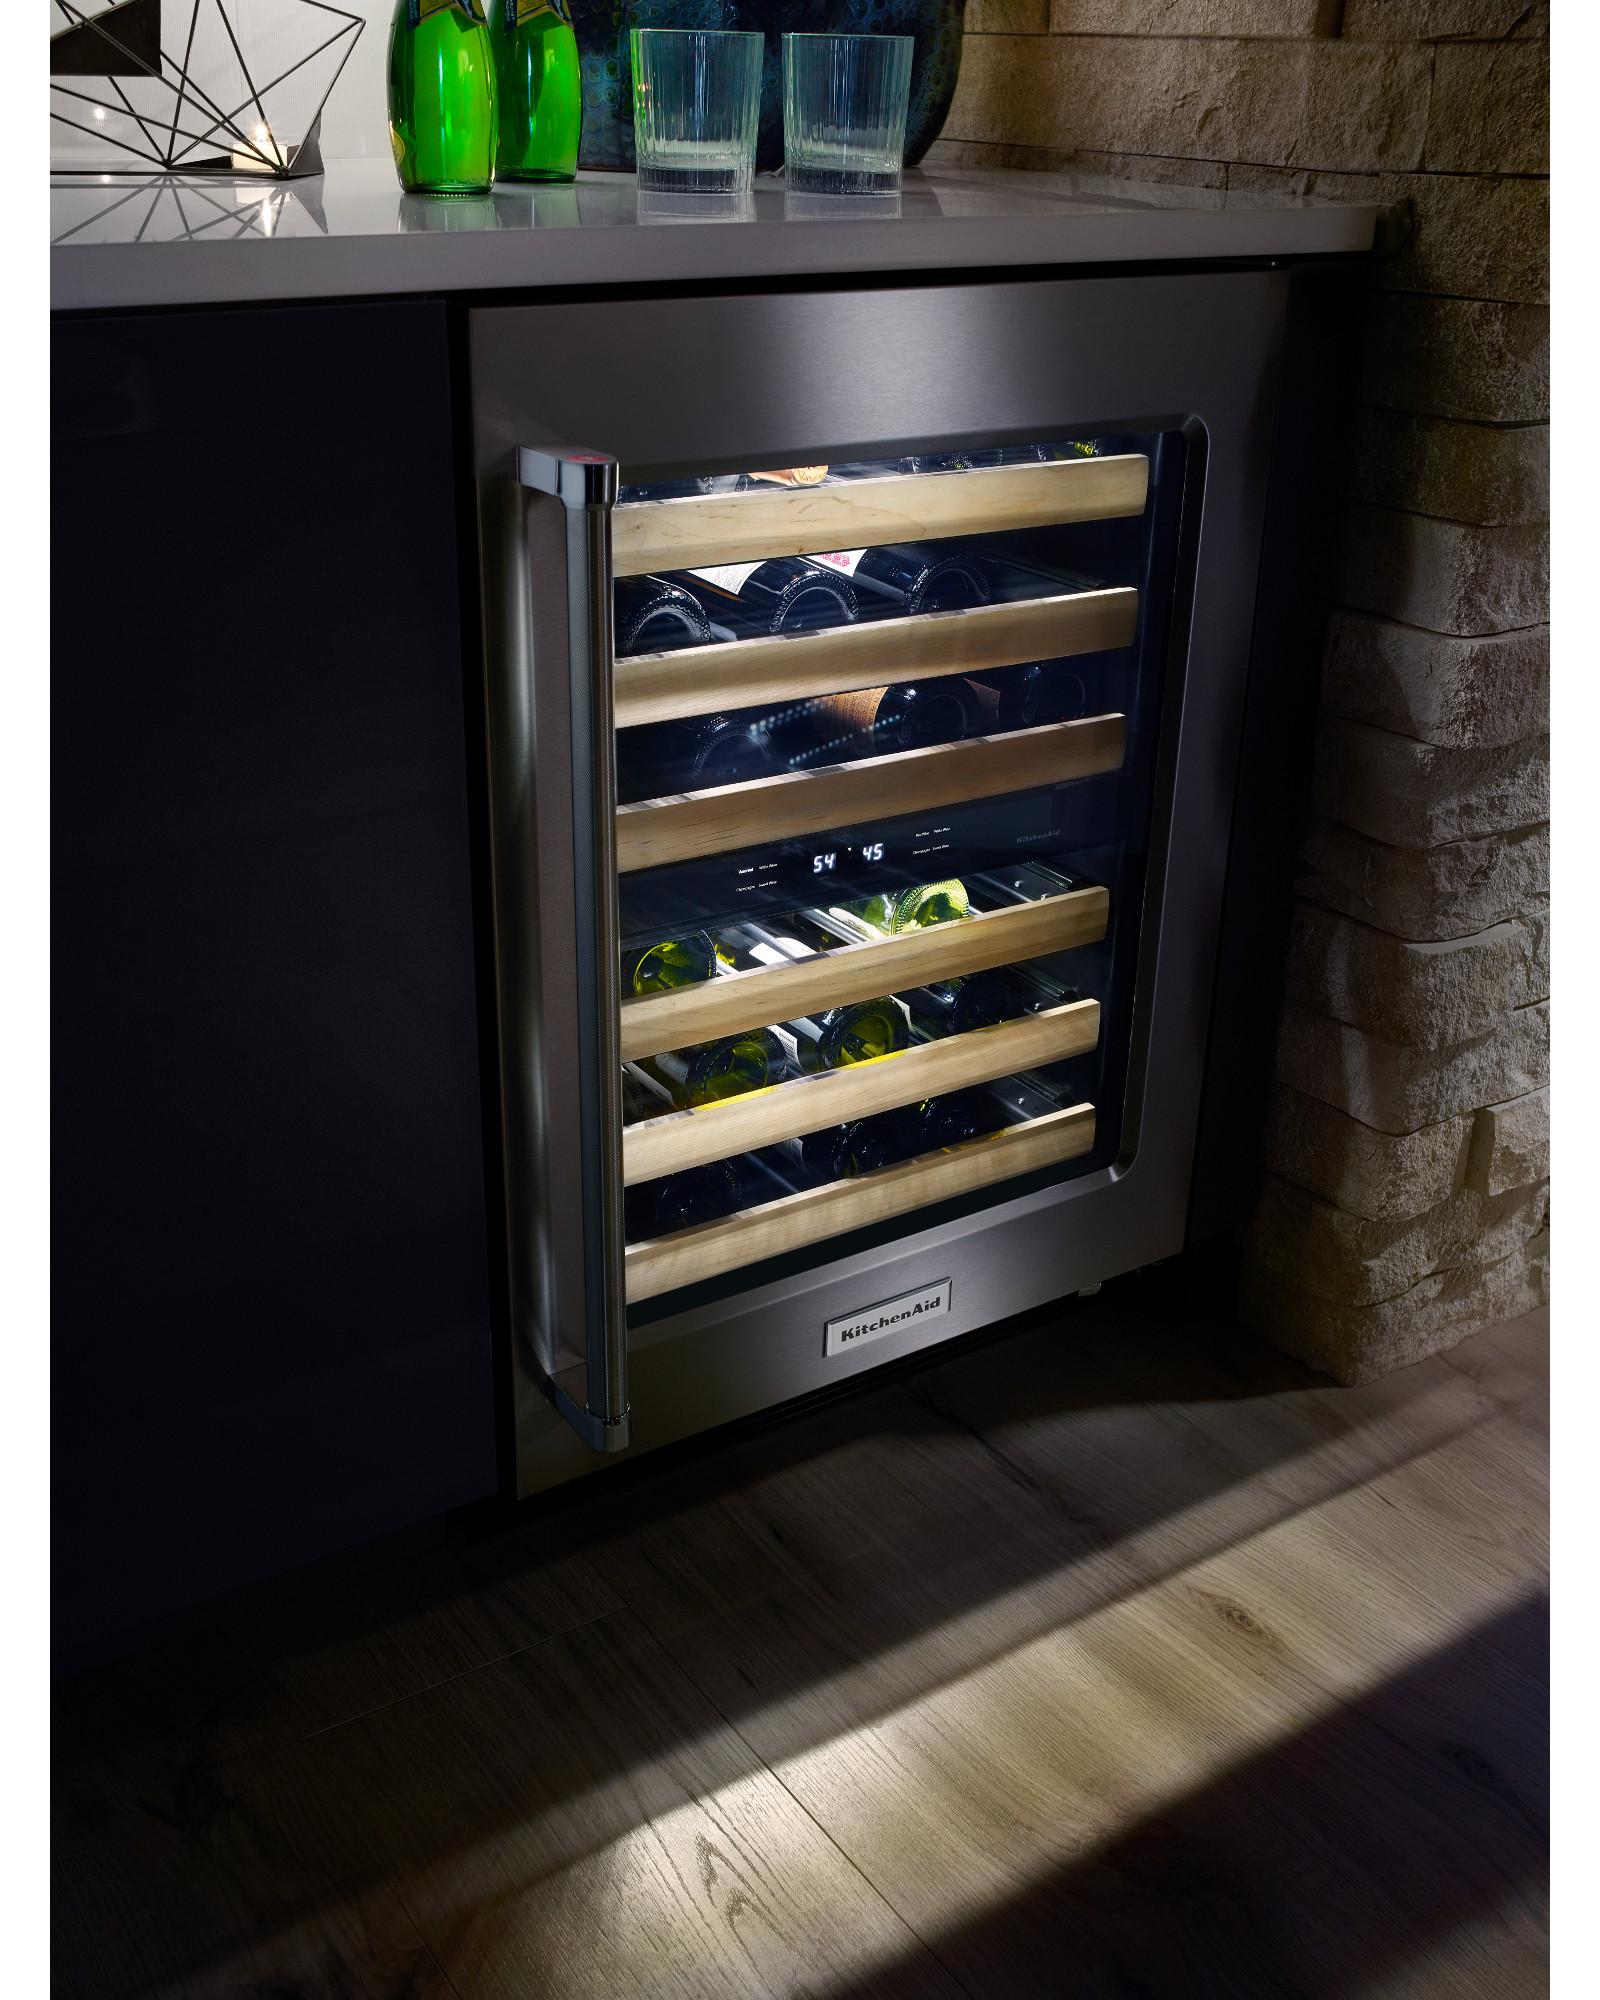 KitchenAid KUWR204ESB 4.7 Wine Cellar - Stainless Steel